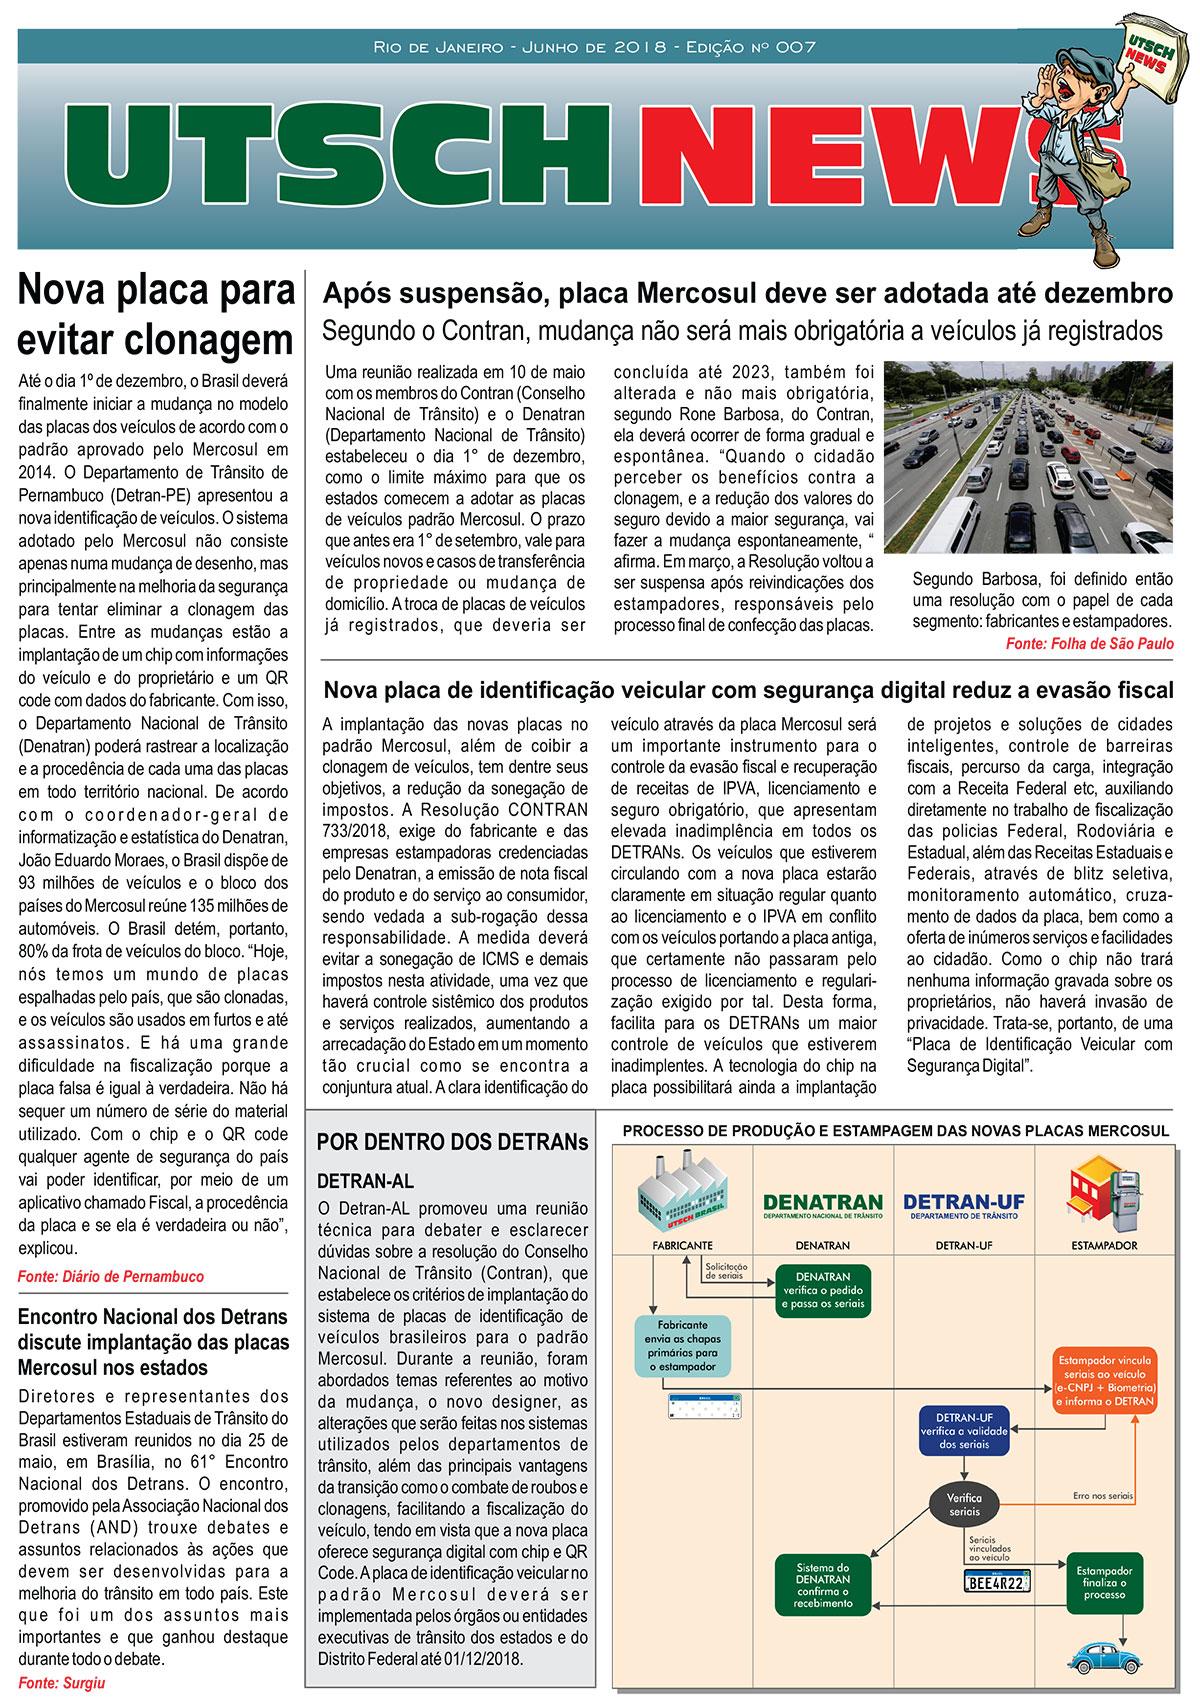 Jornal-UTSCH-BRASIL---edição-007